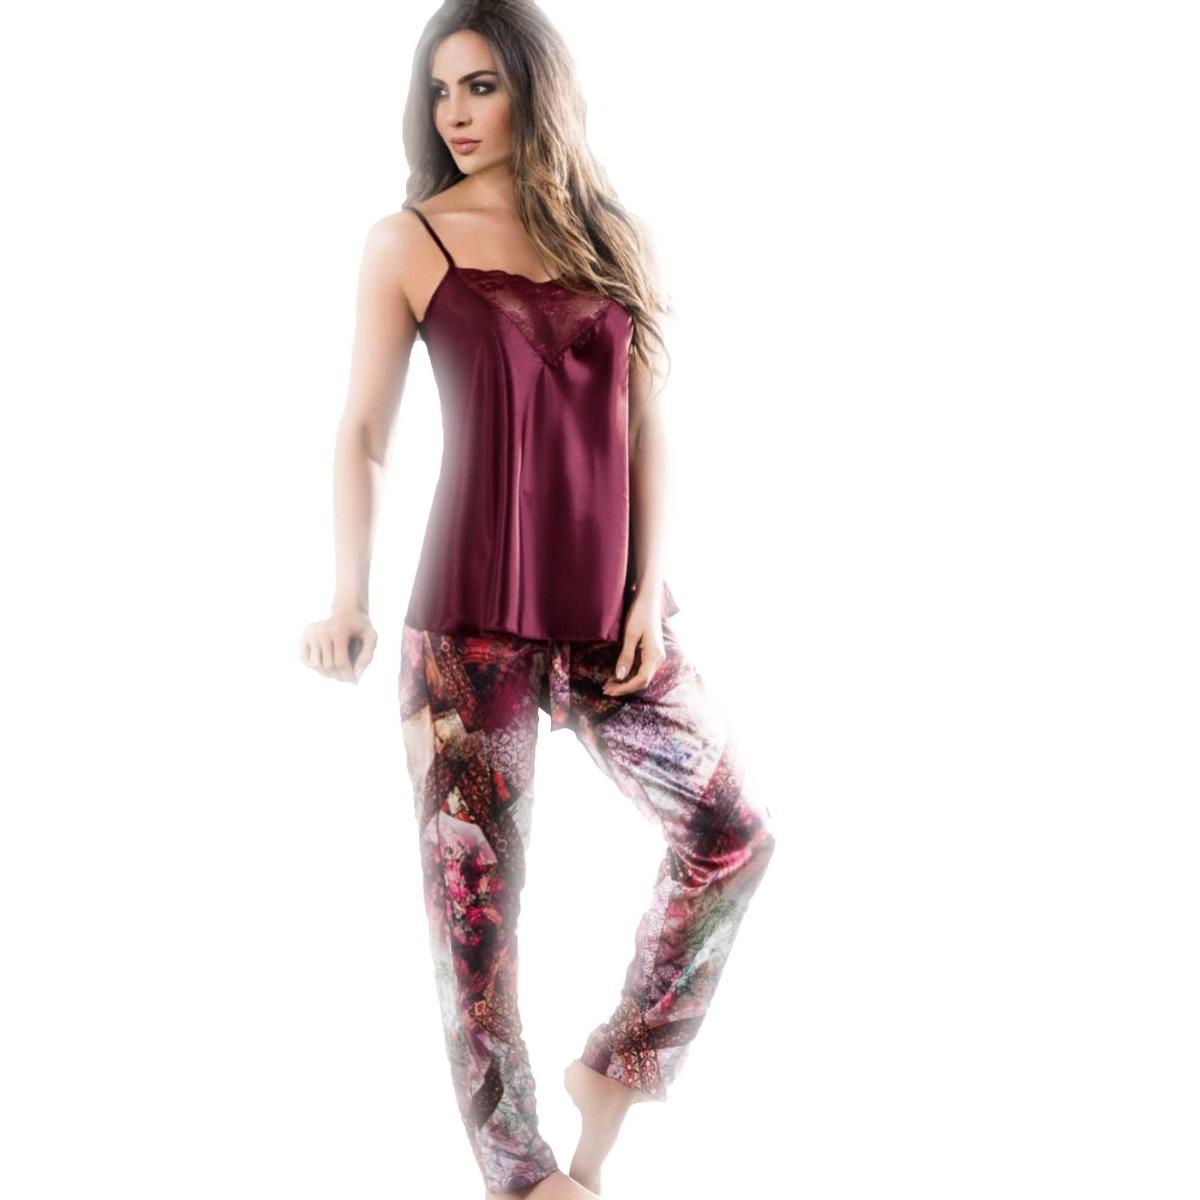 8ed324586d Pijama Para Mujer Satin Pantalón Largo Lenceria Sexy -   85.900 en ...